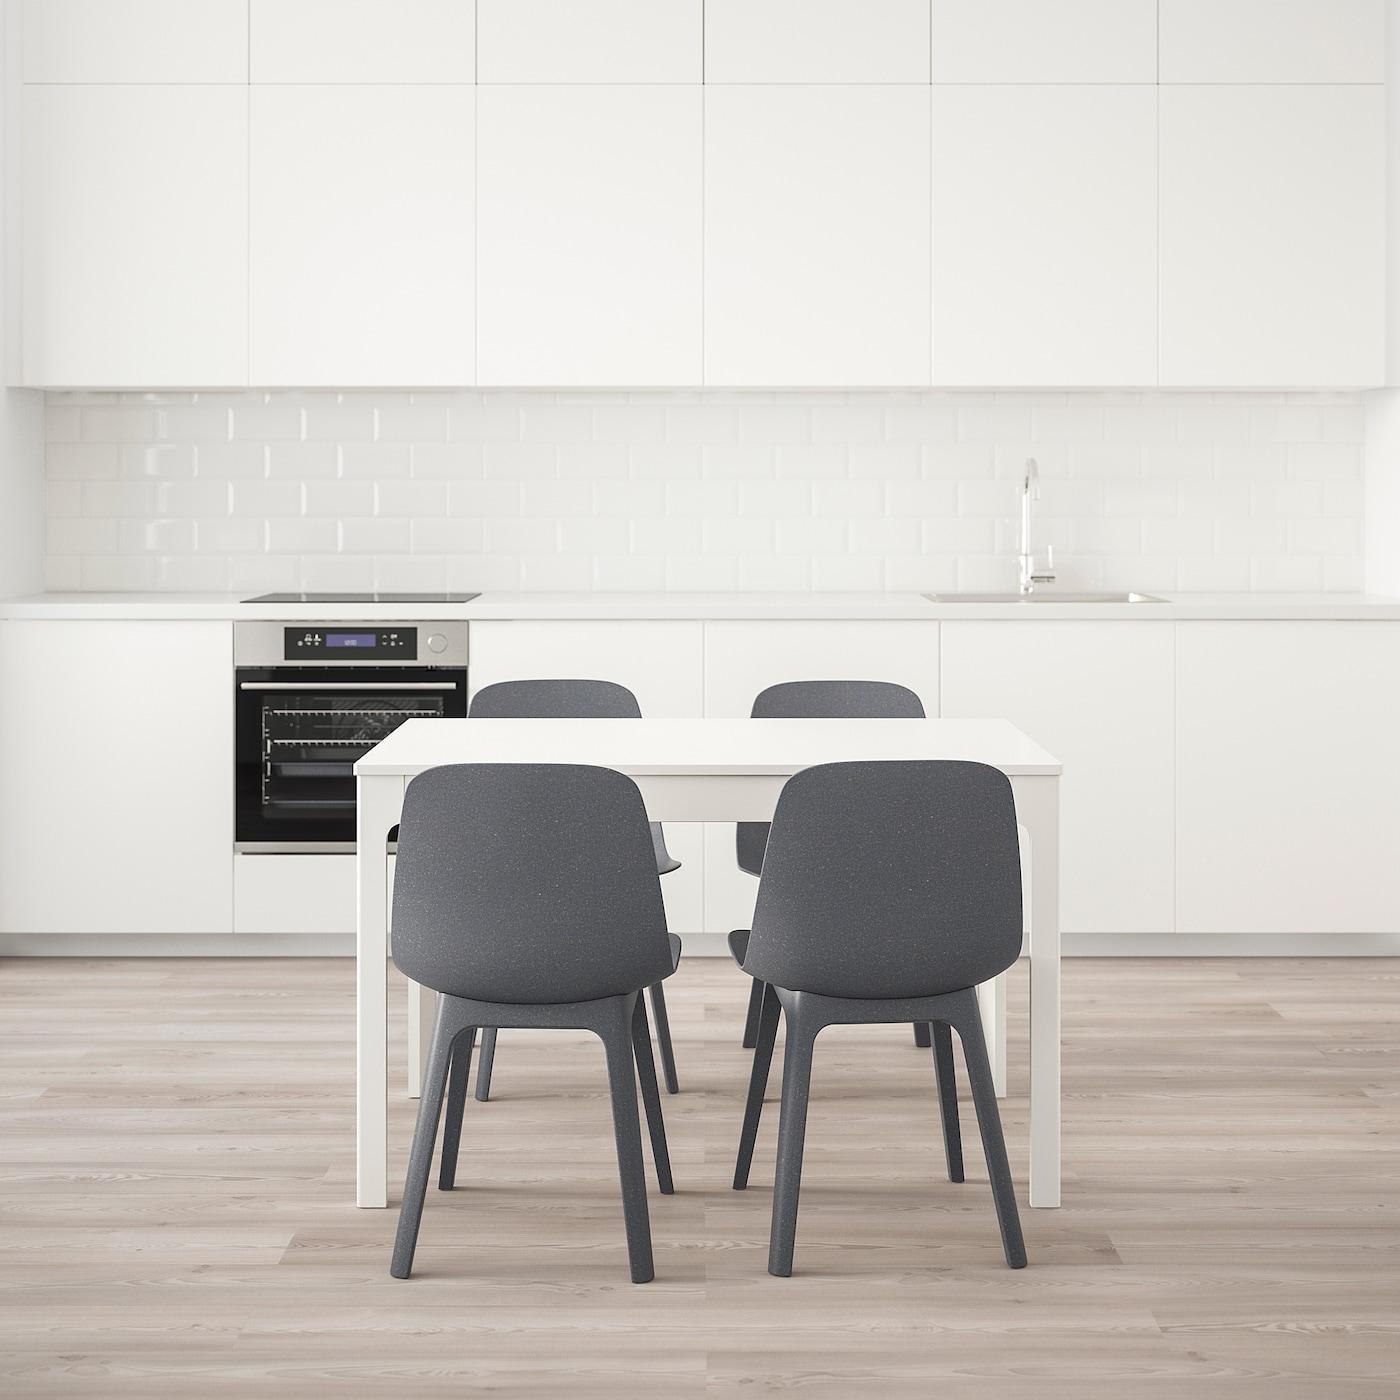 EKEDALEN ODGER Table et 4 chaises chêne, bleu 120180 cm